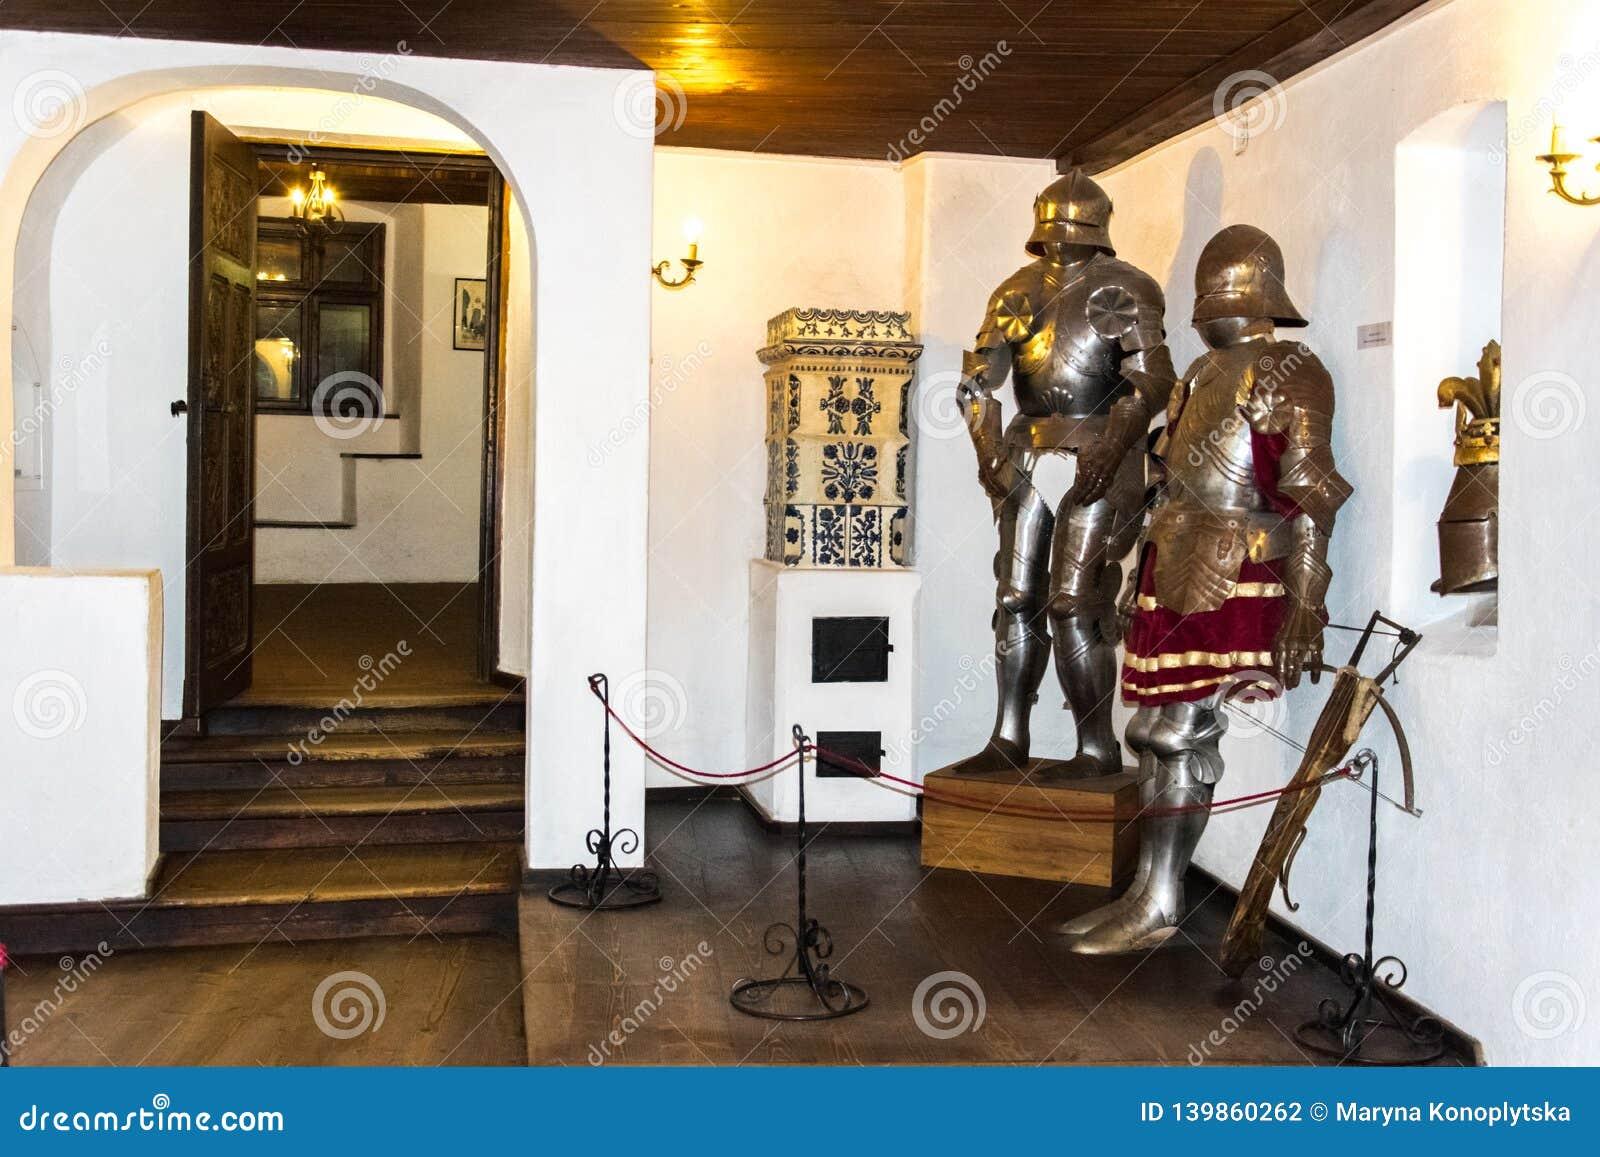 Salles intérieures du château médiéval de son en Roumanie Chevalier antique Armor au château de Dracula